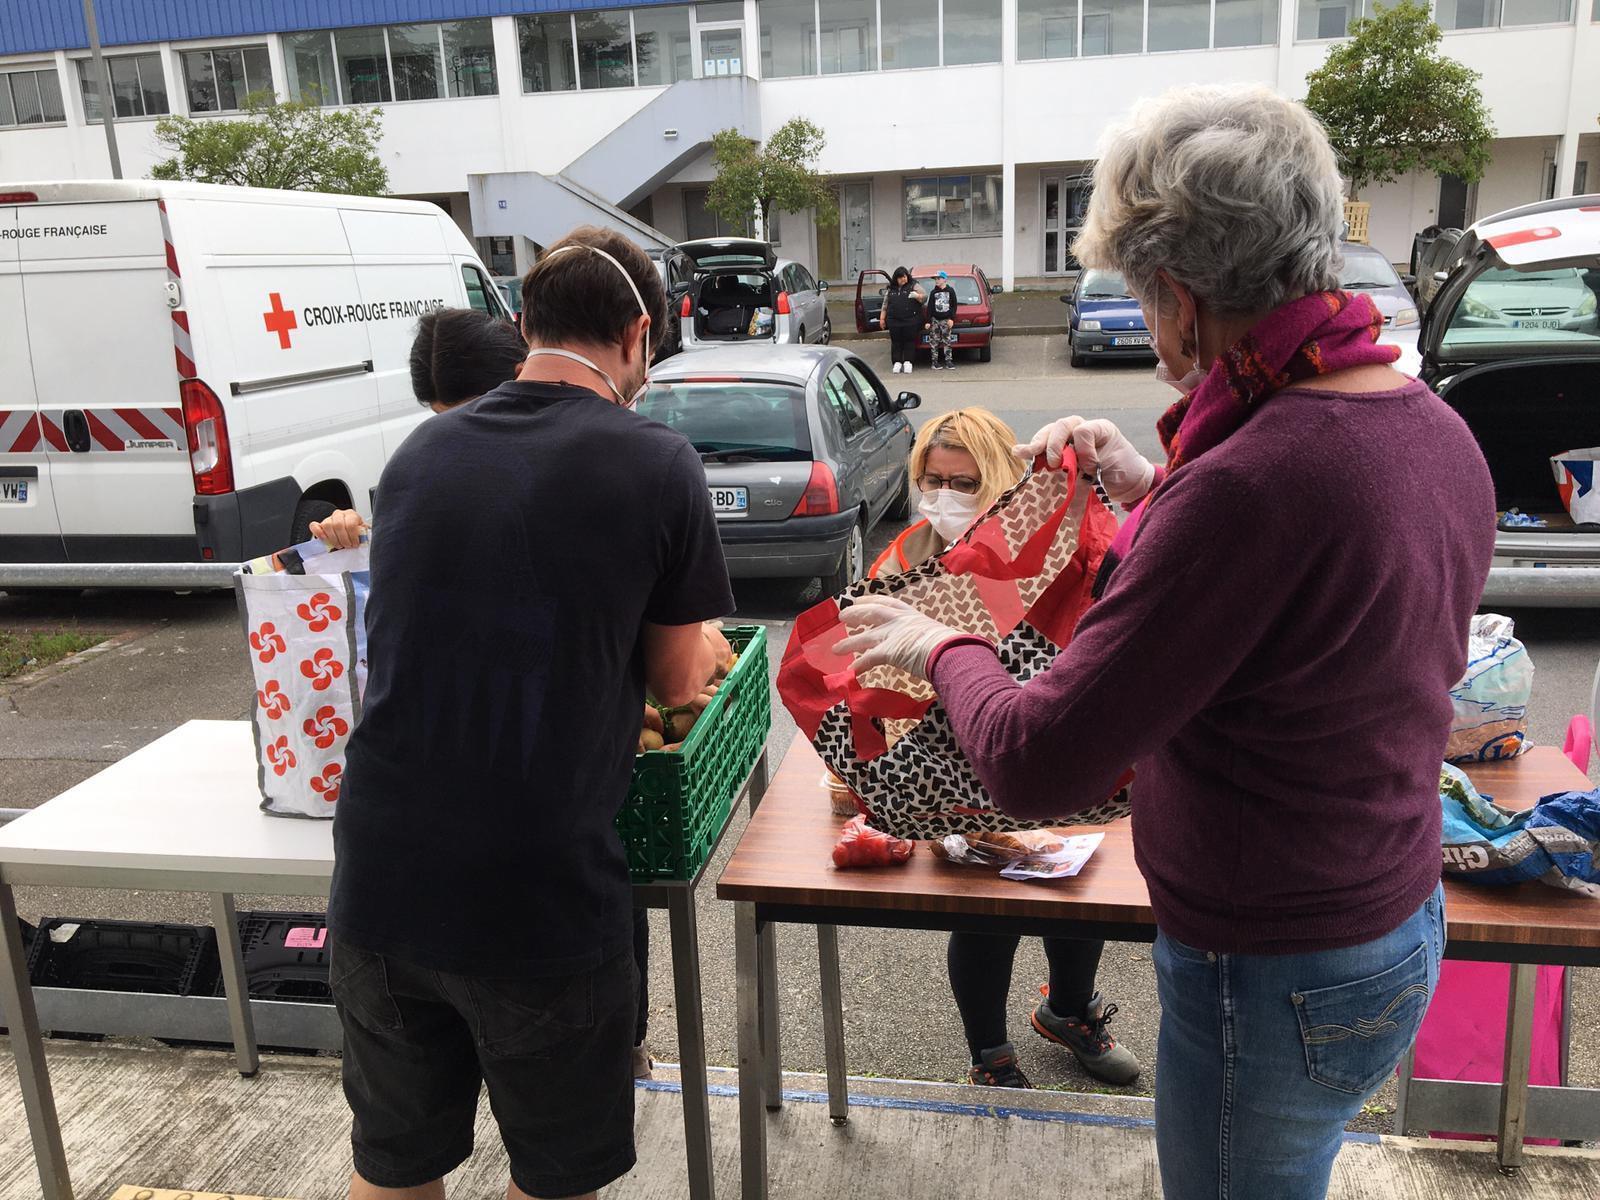 Một điểm phân phát thực phẩm của hiệp hội Chữ Thập Đỏ, tại thành phố Hendaye, tỉnh Pyrénées-Atlantiques, Nouvelle-Aquitaine, Pháp.